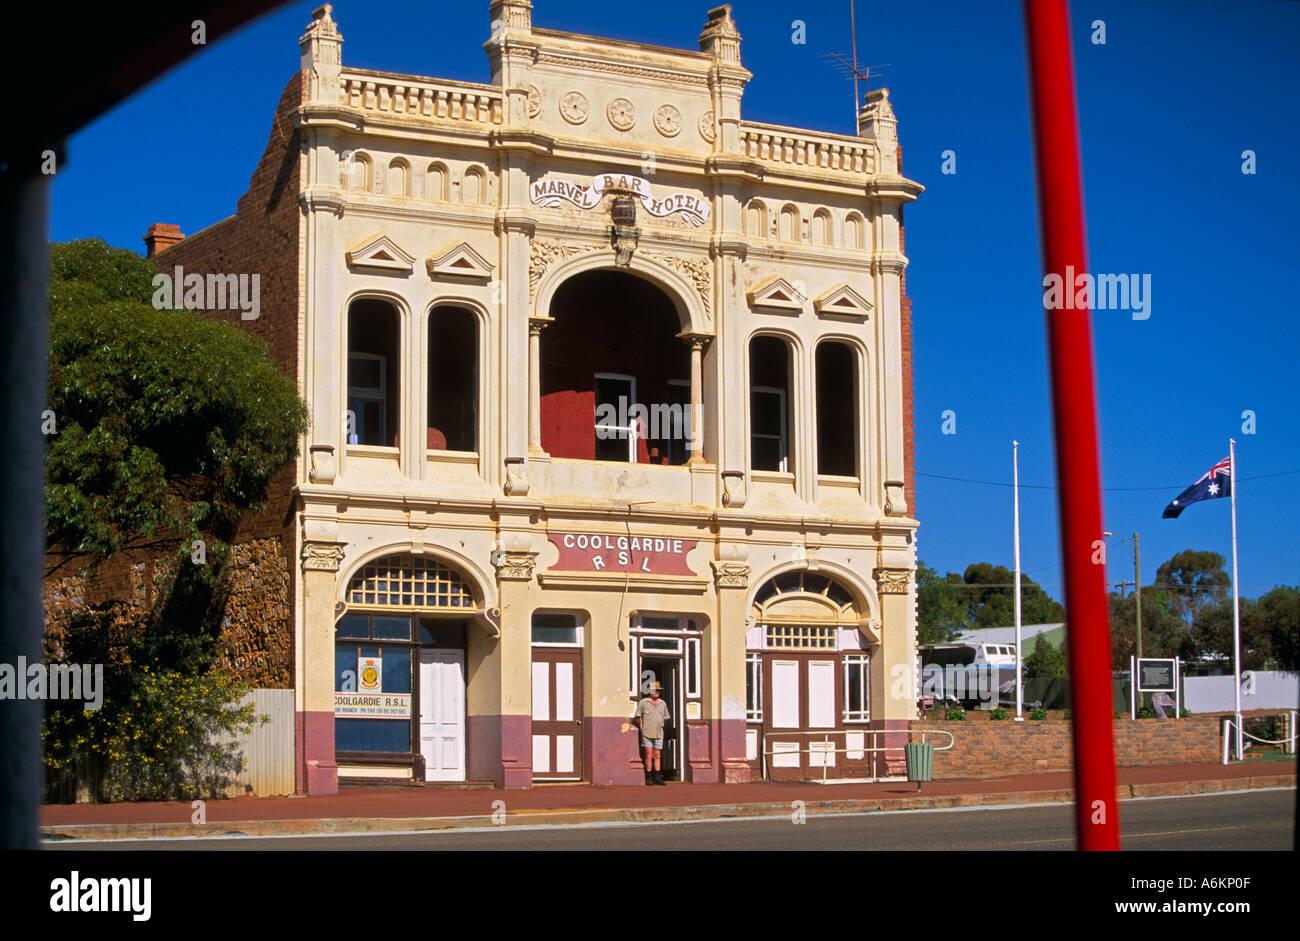 Coolgardie RSL Club, Western Australia - Stock Image